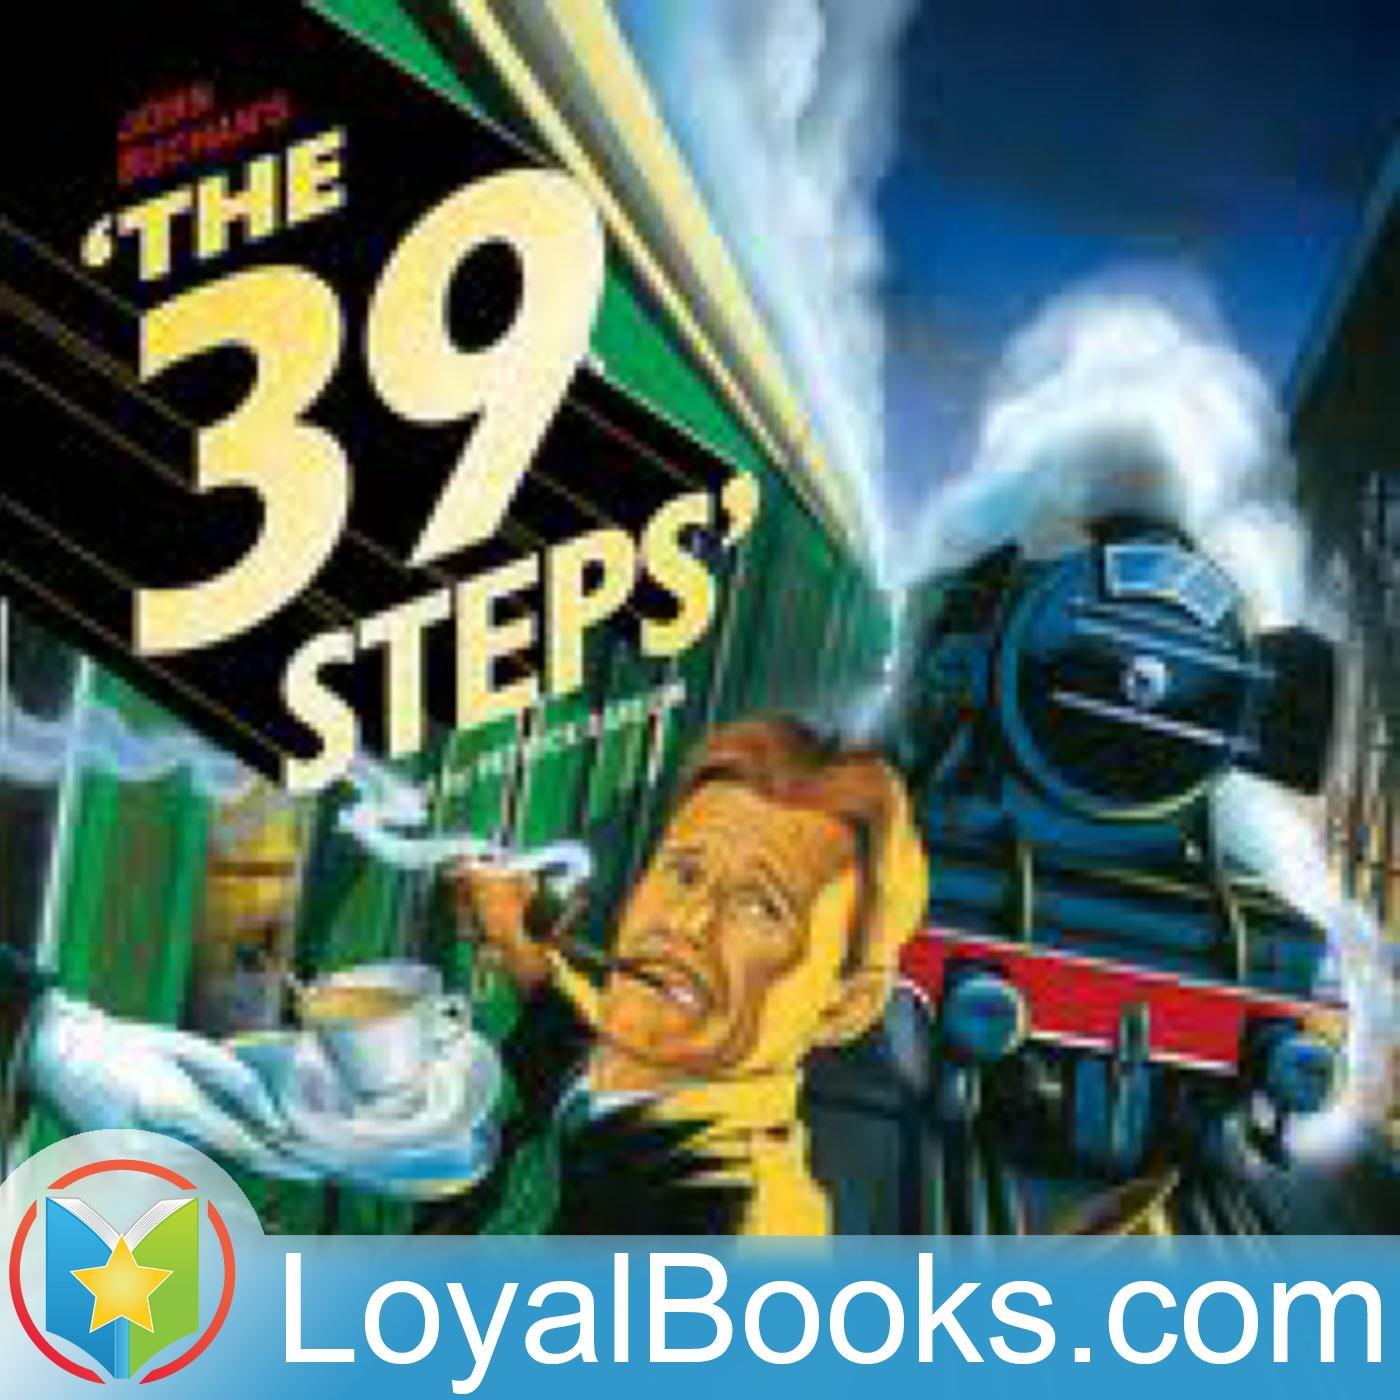 <![CDATA[The Thirty-nine Steps by John Buchan]]>